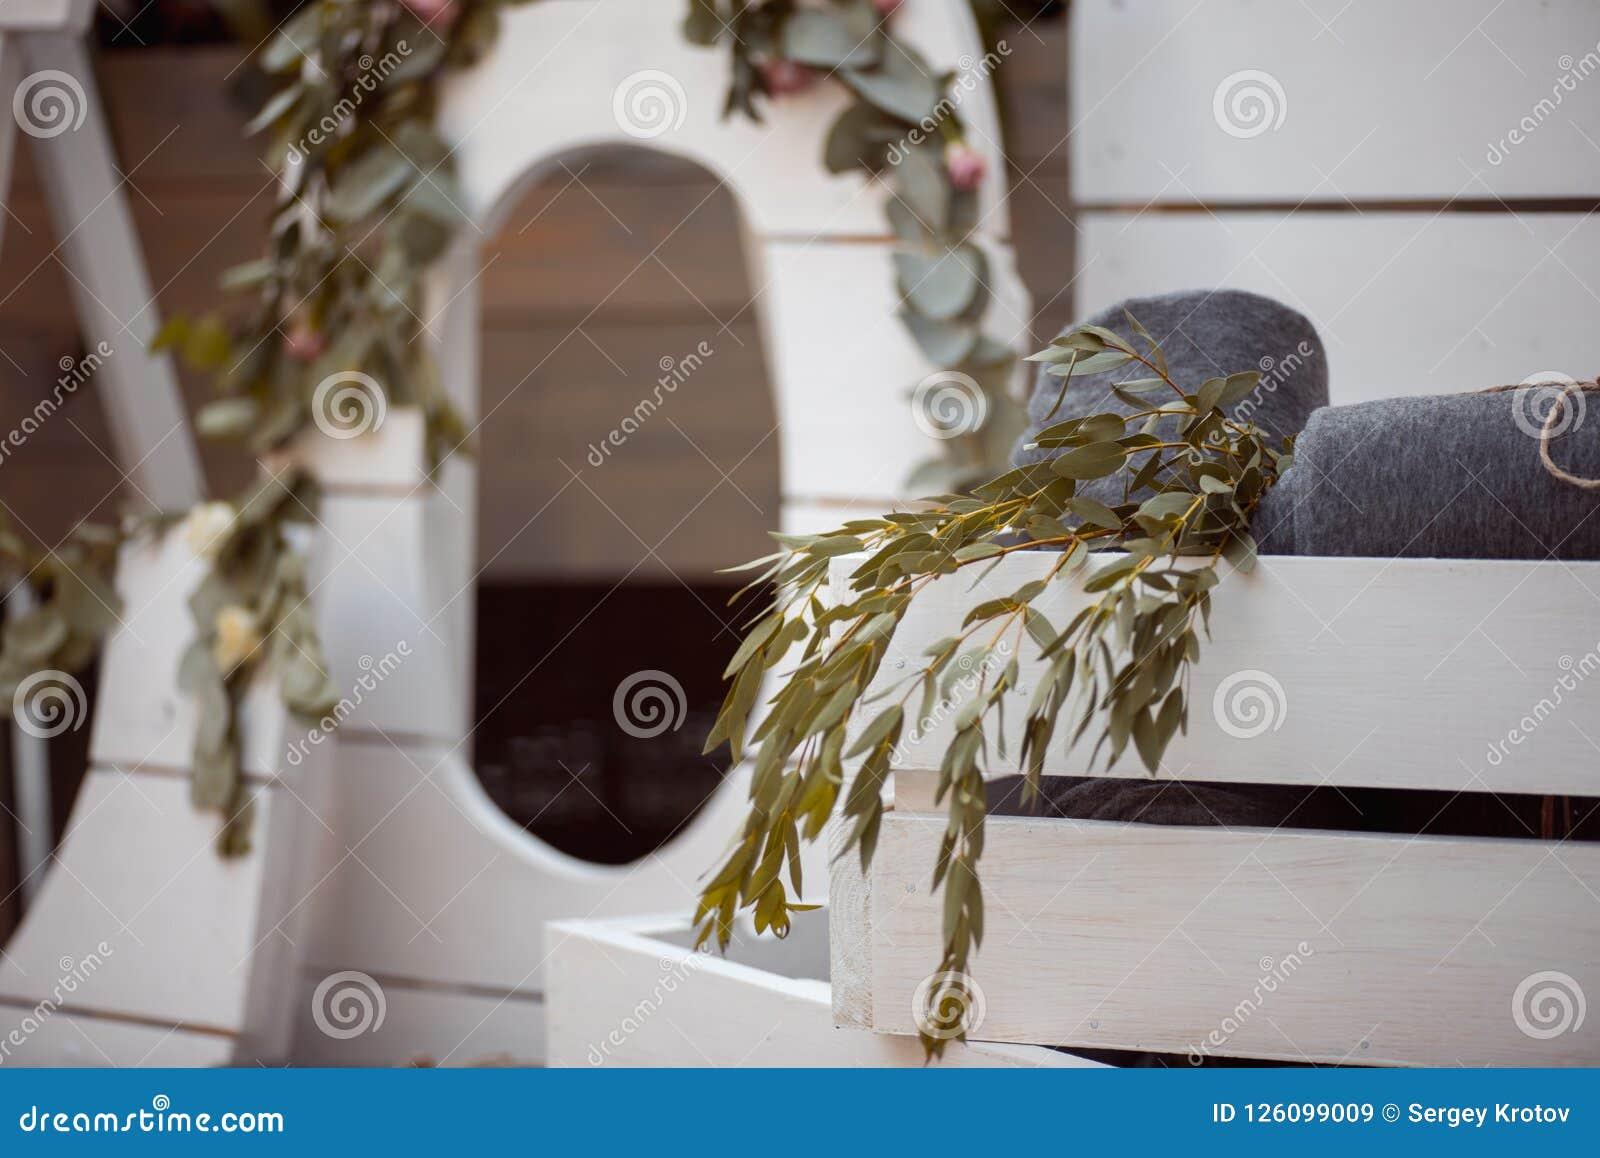 Heel wat witte geschilderde houten kooidozen, wat met decoratieve kaarsen, rolden dekens en binnenlandse installaties